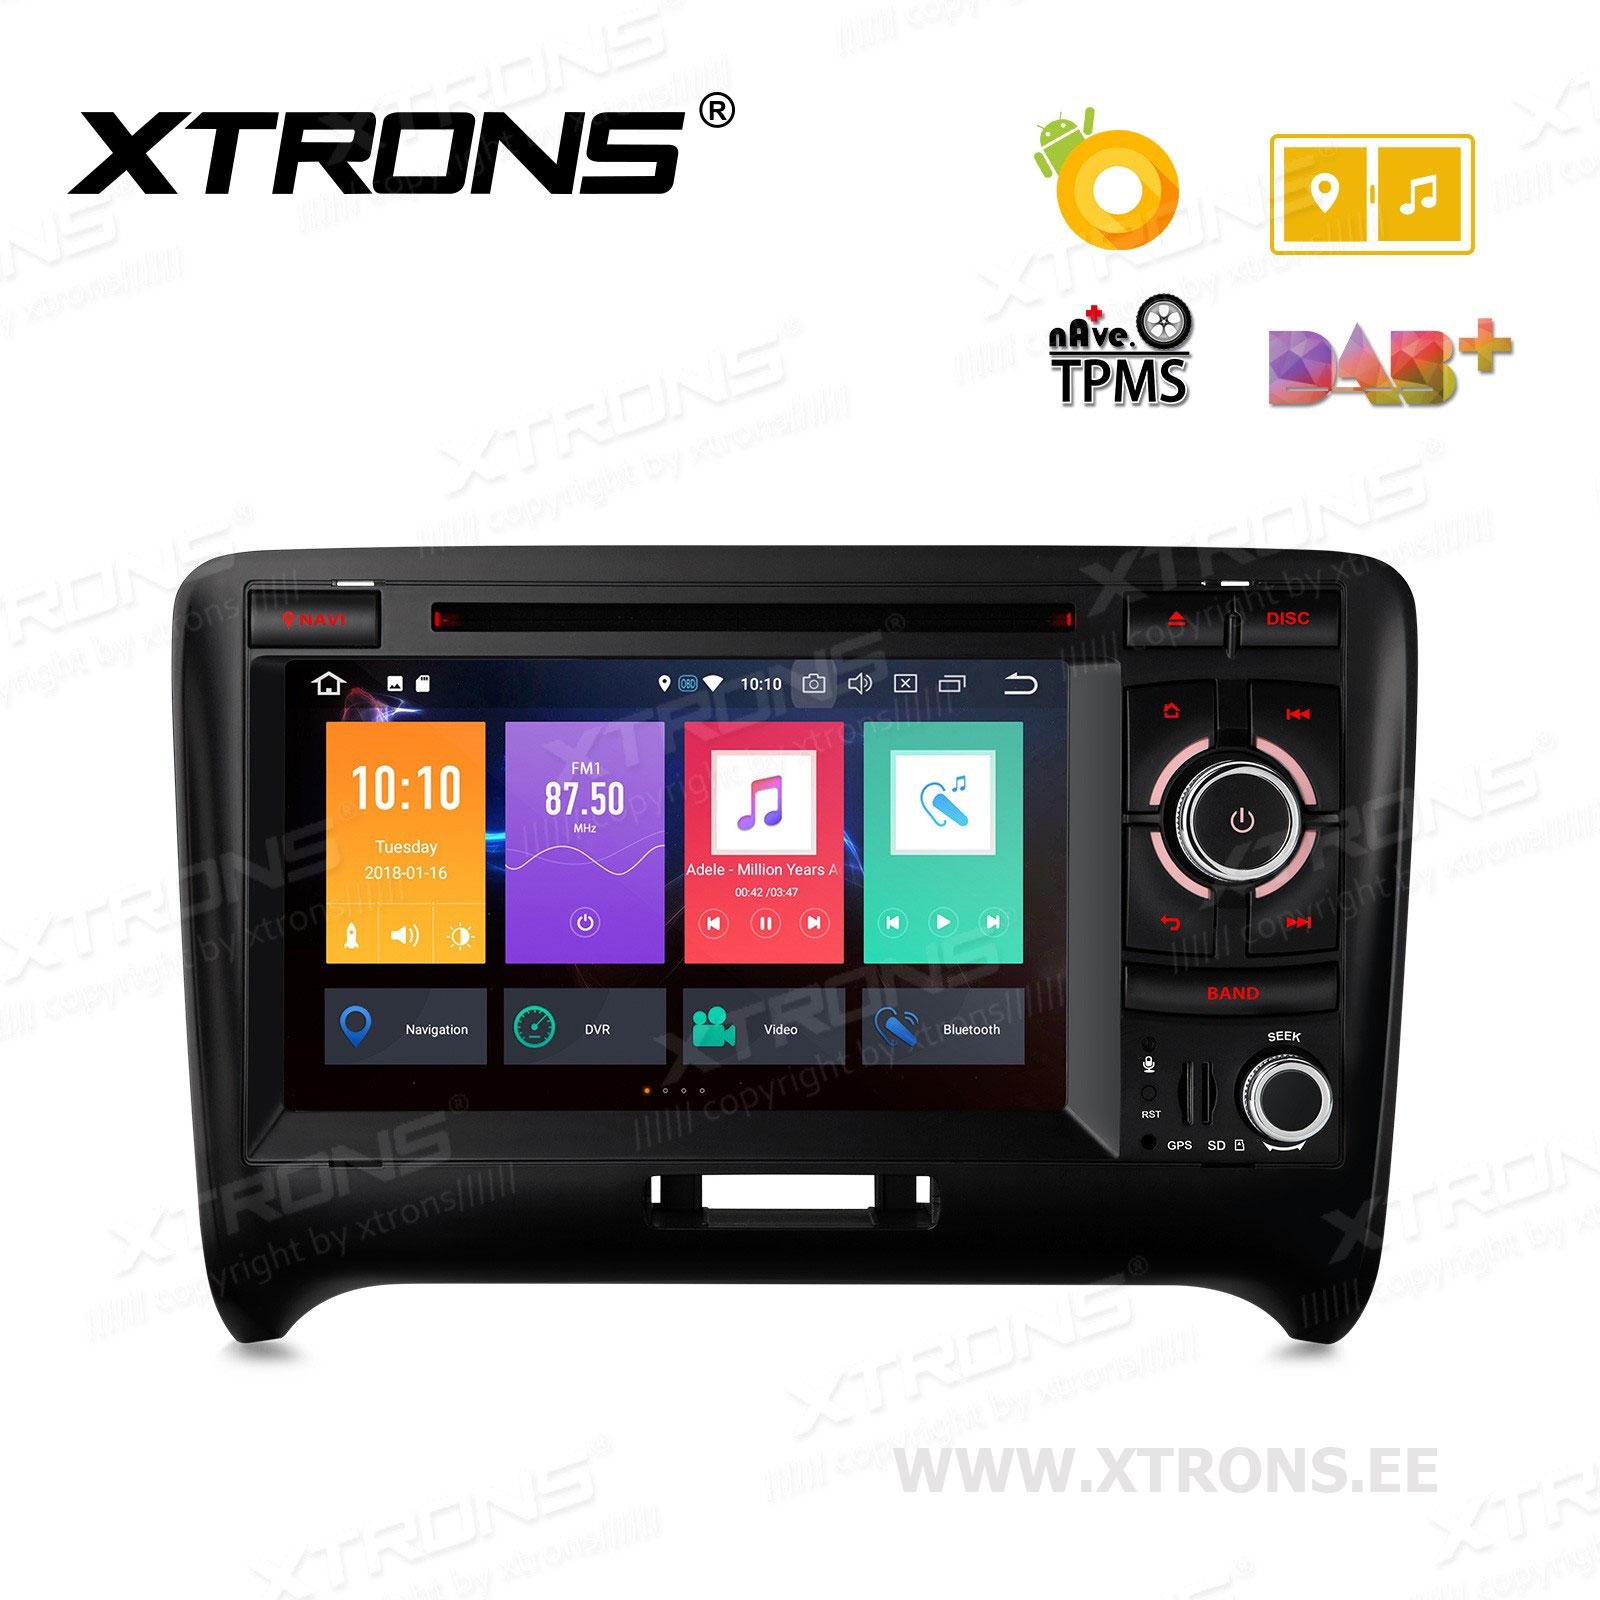 XTRONS PB78ATTRP